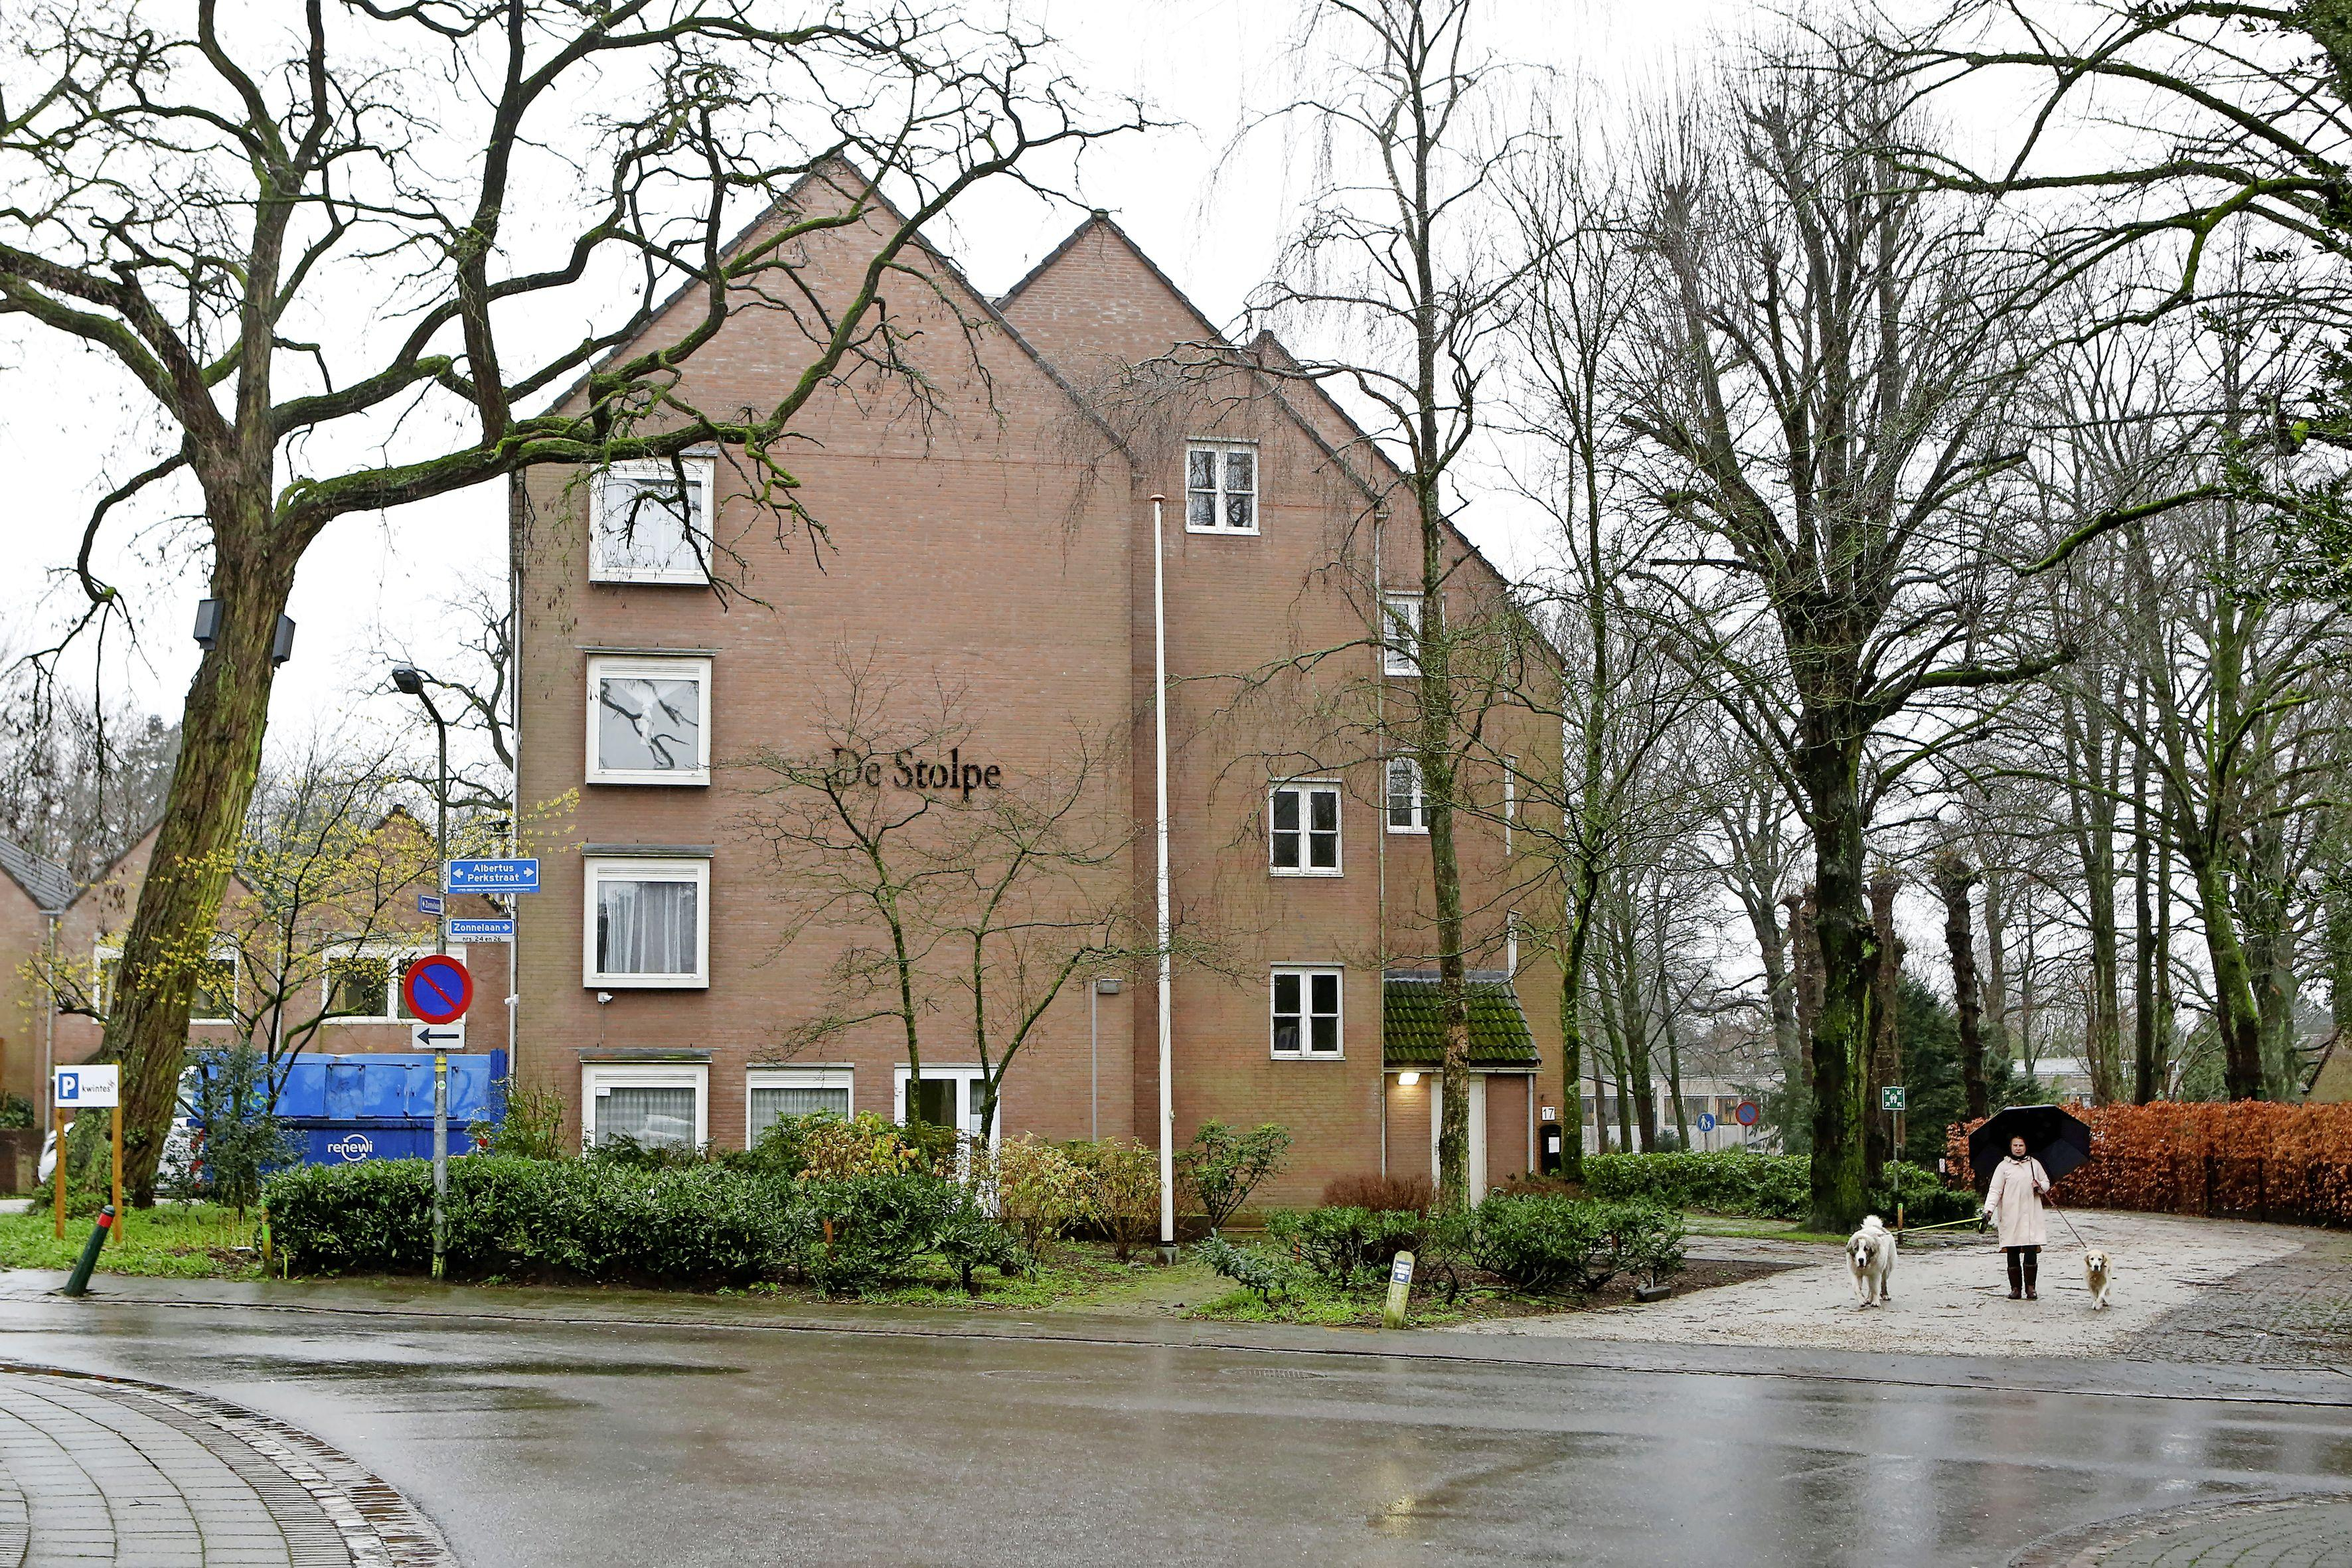 Kwintes start met geplande verbouwing van De Stolpe, kritisch onderzoeksrapport is geen reden om plannen aan te passen